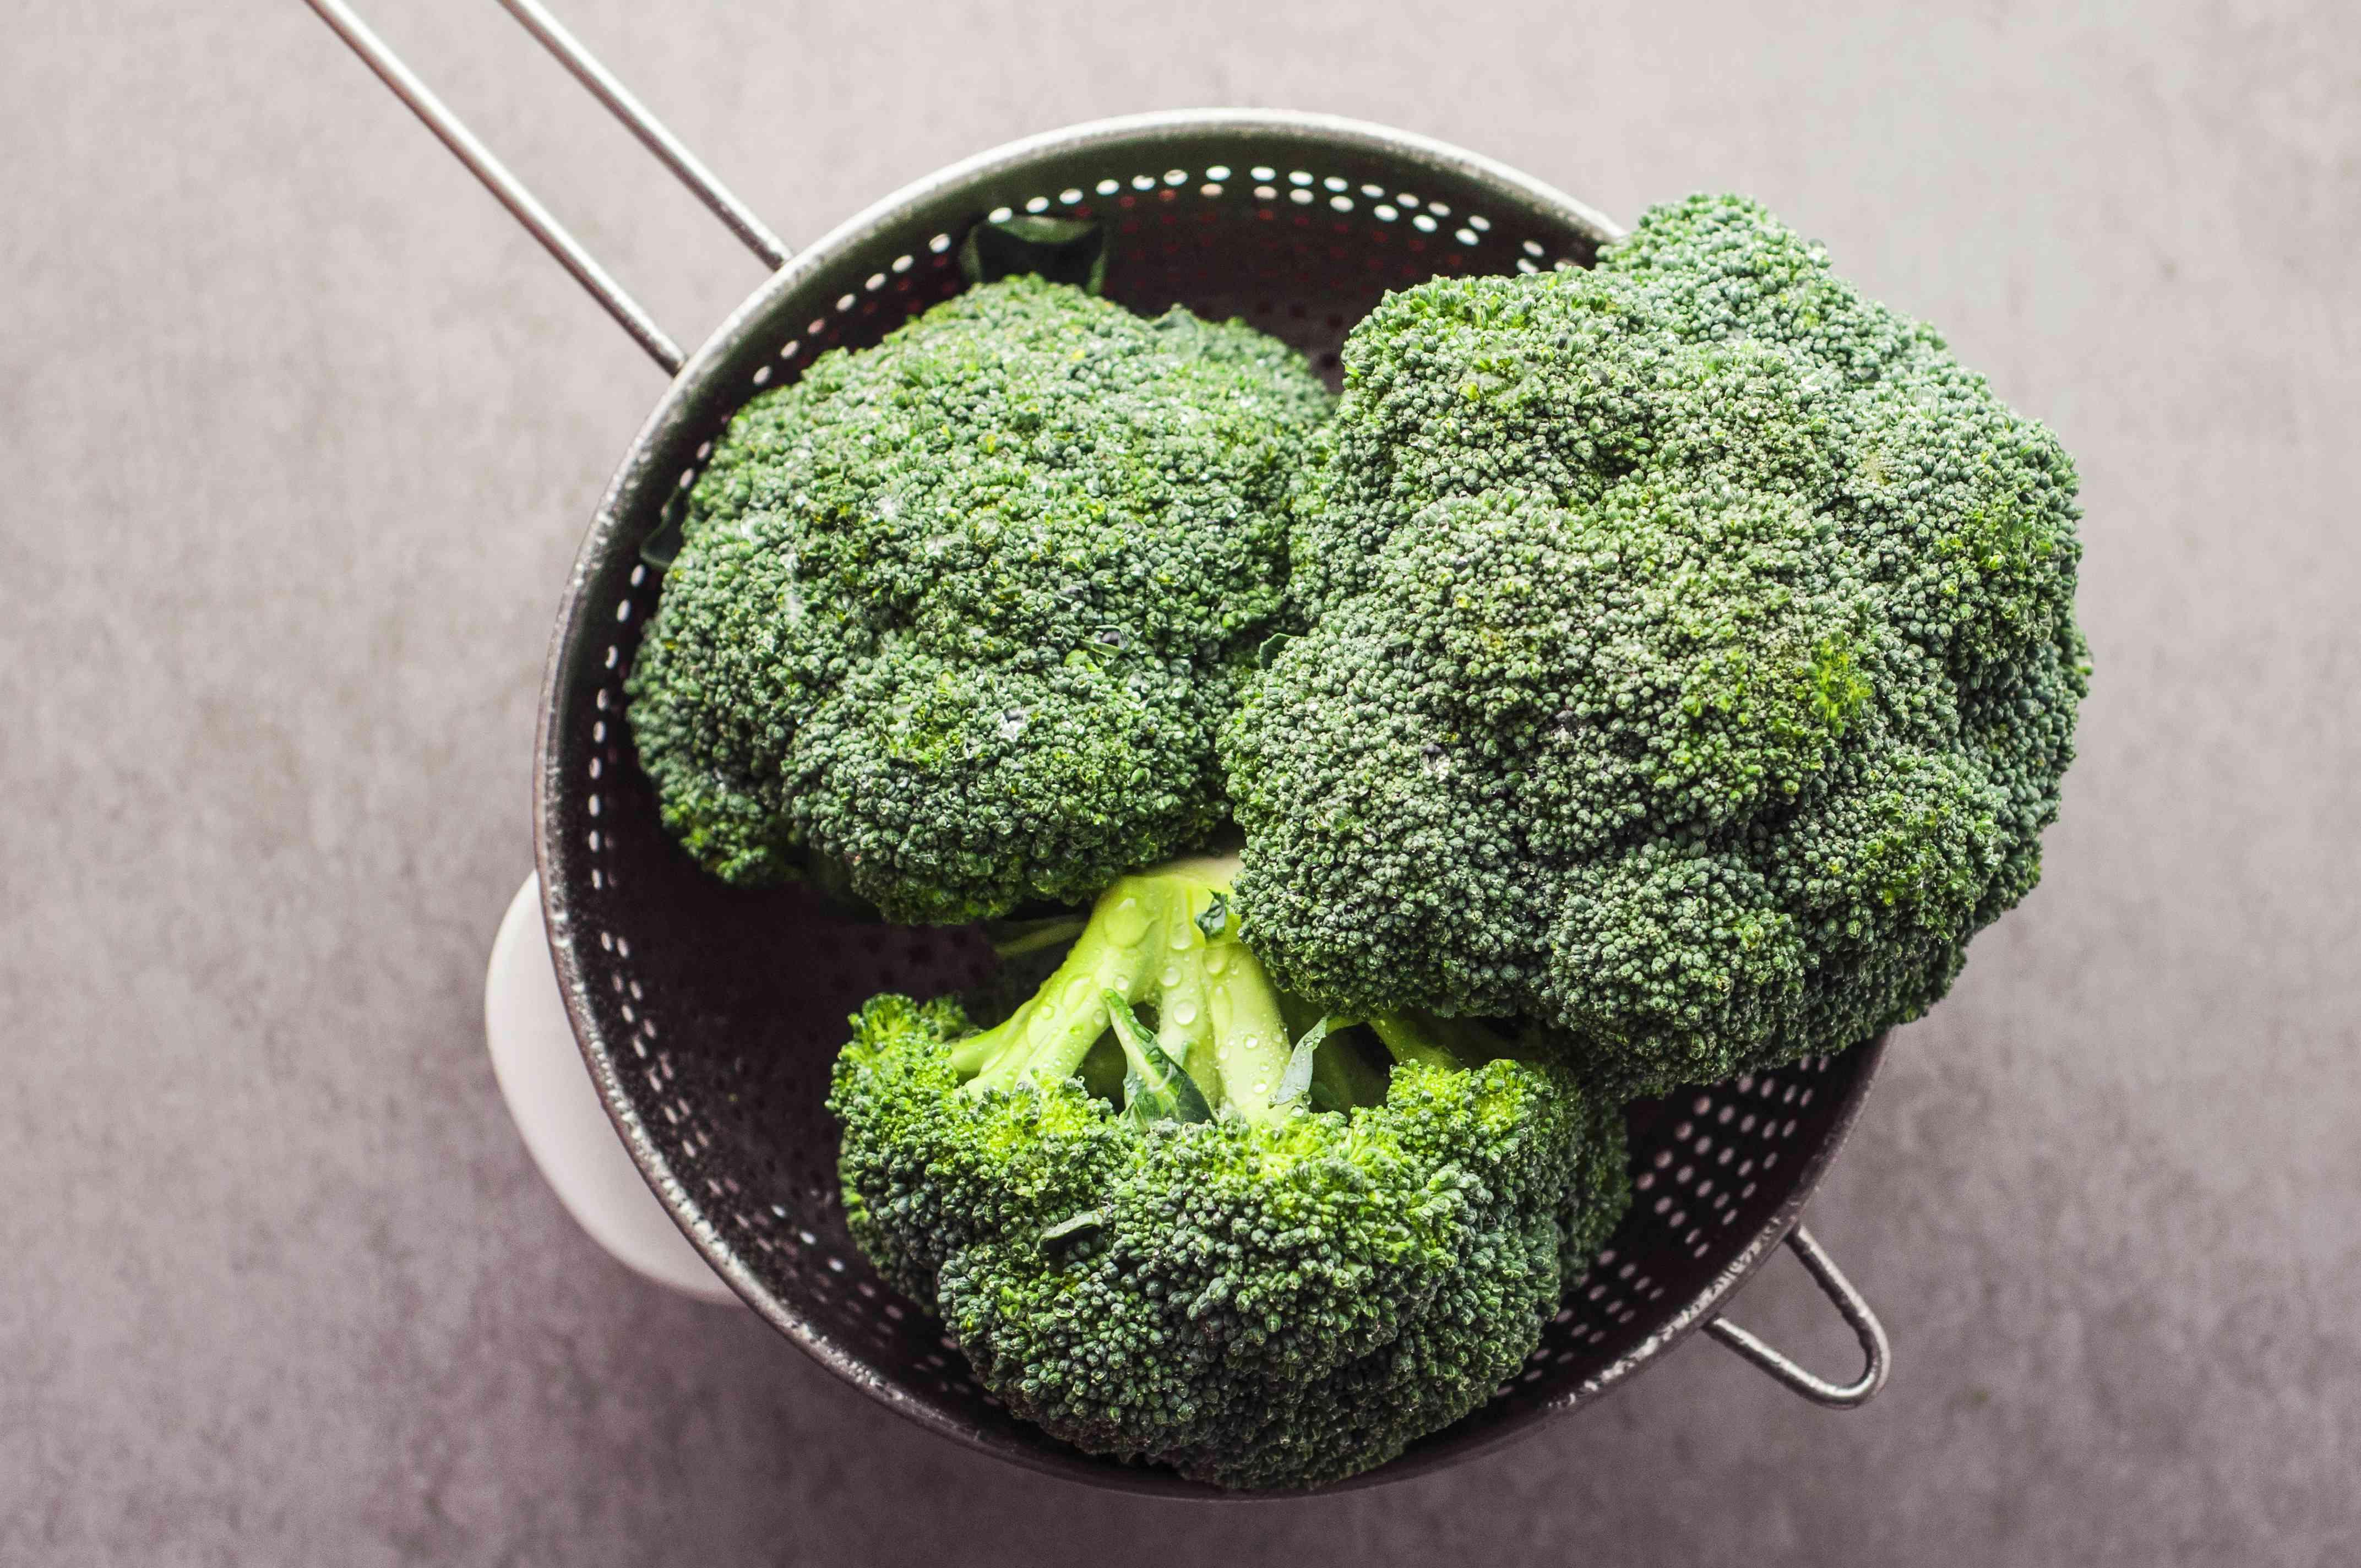 Broccoli in a colander